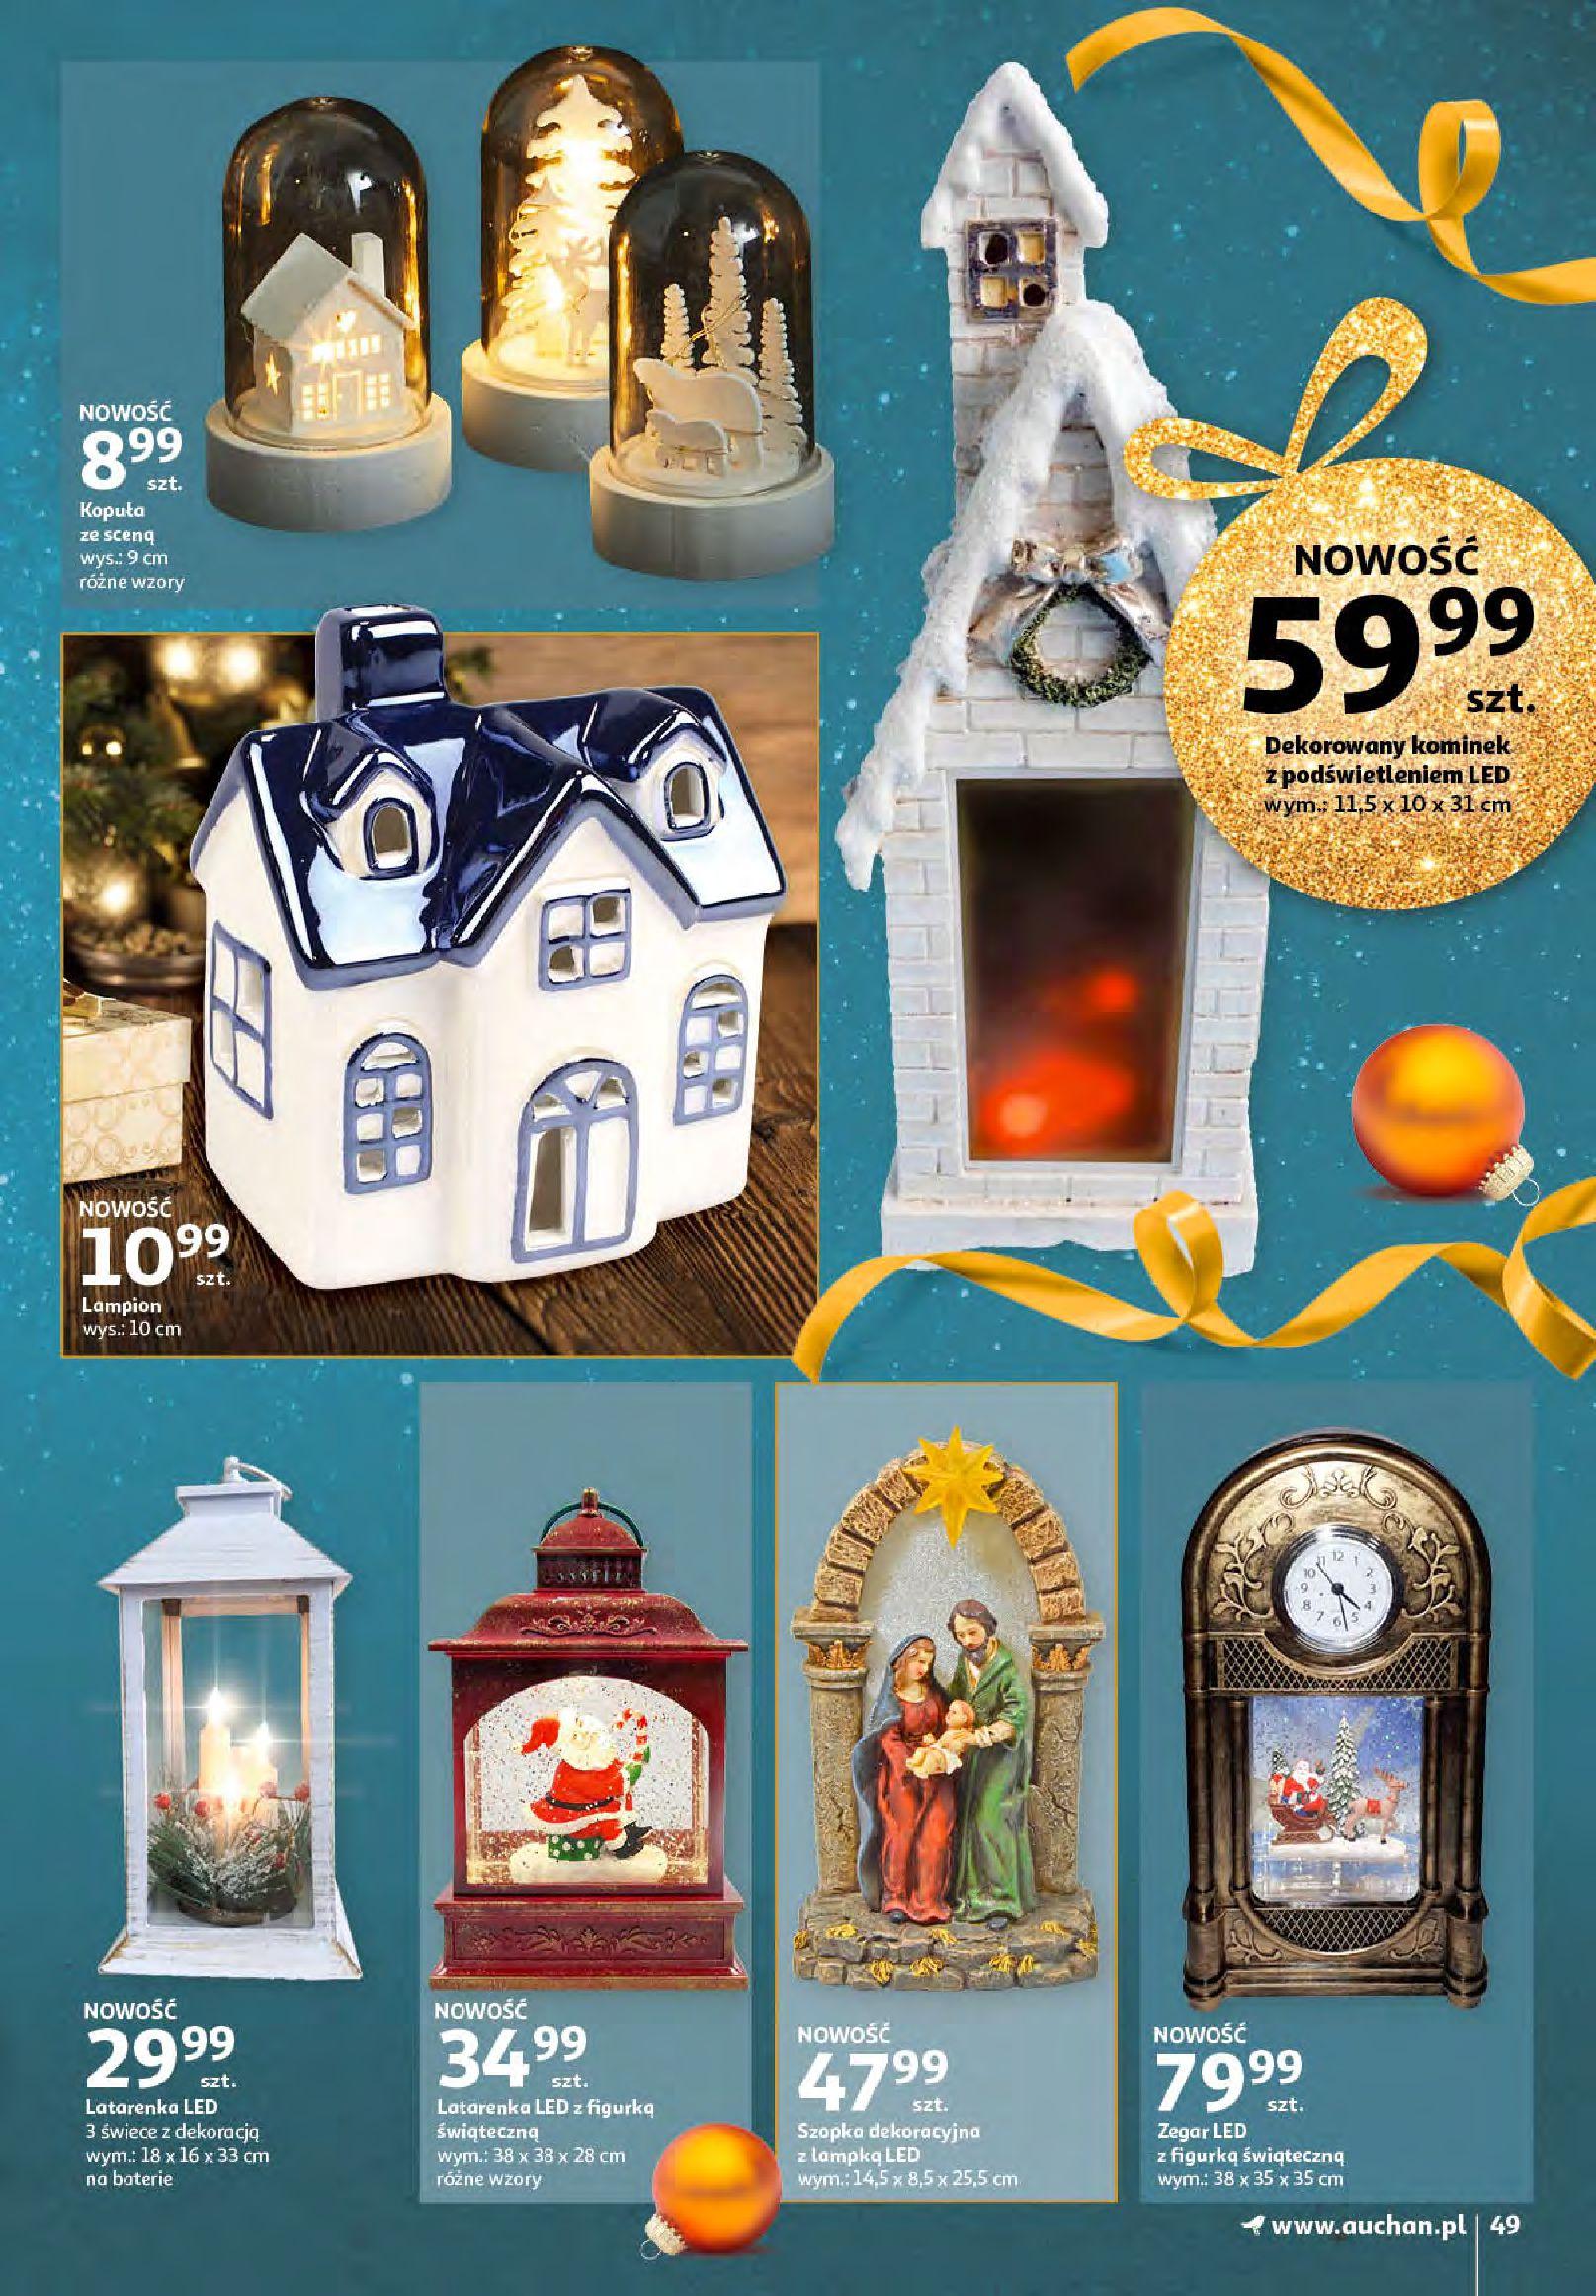 Gazetka Auchan - Magia zabawek i świątecznych ozdób-11.11.2020-25.11.2020-page-49